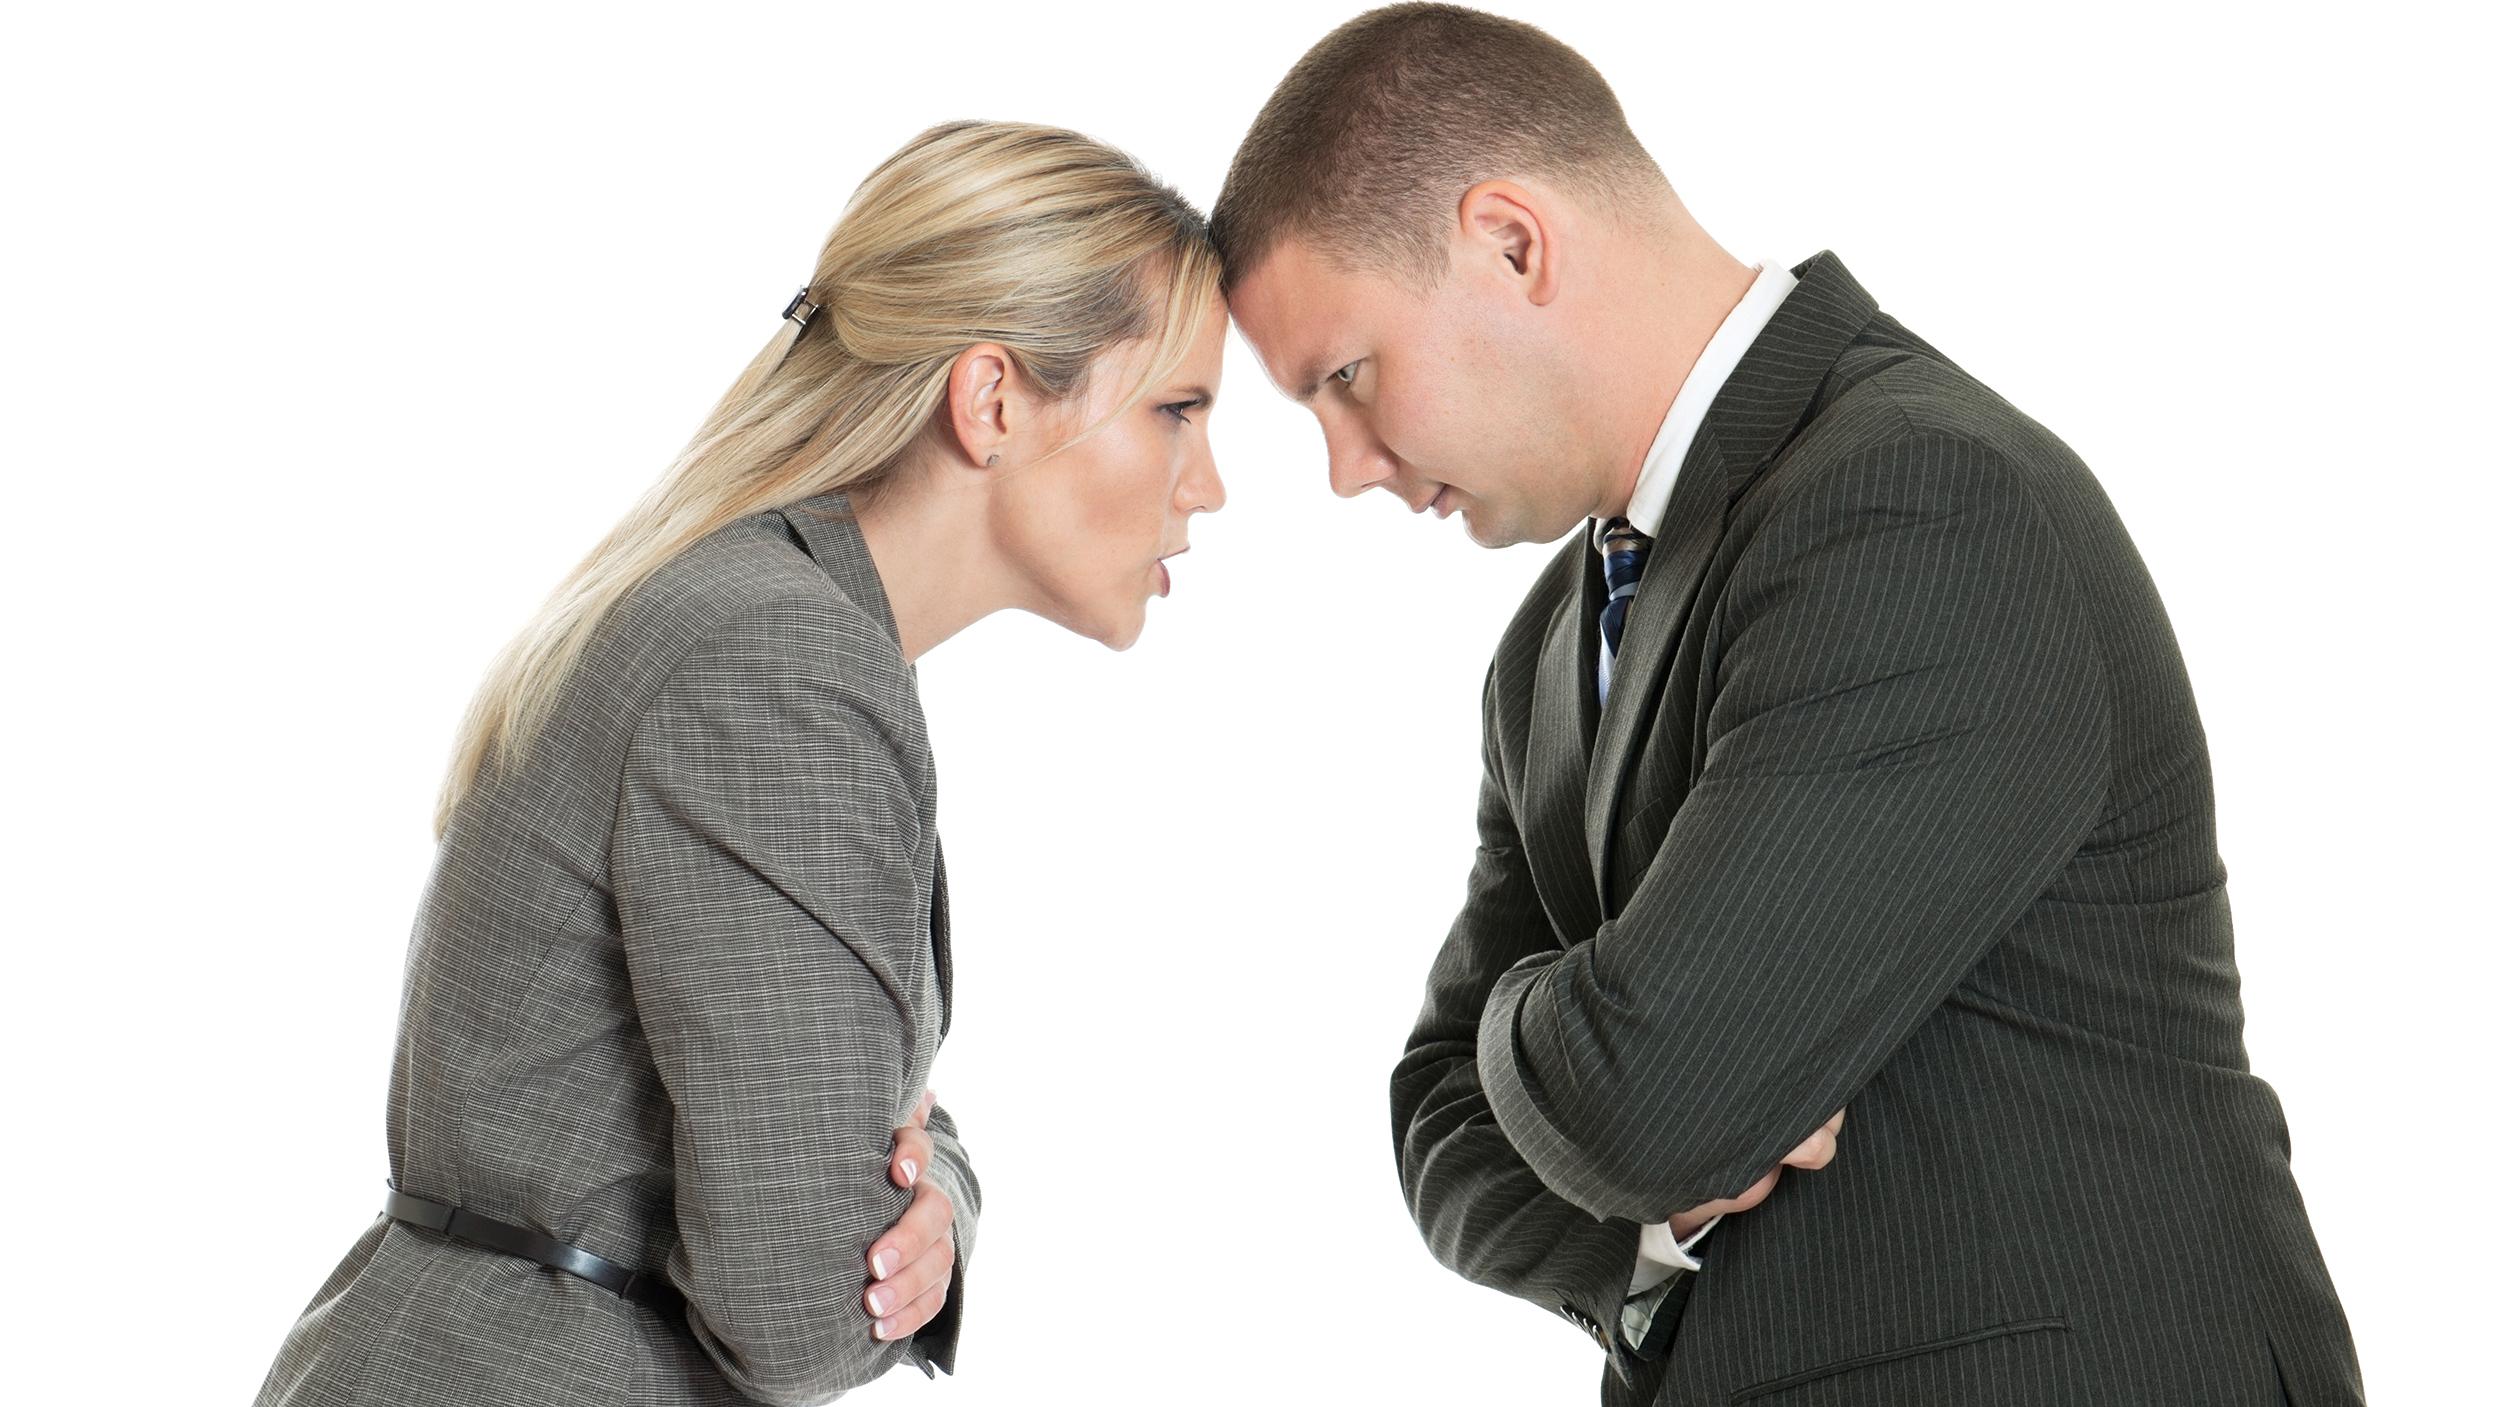 Men women anal images 35